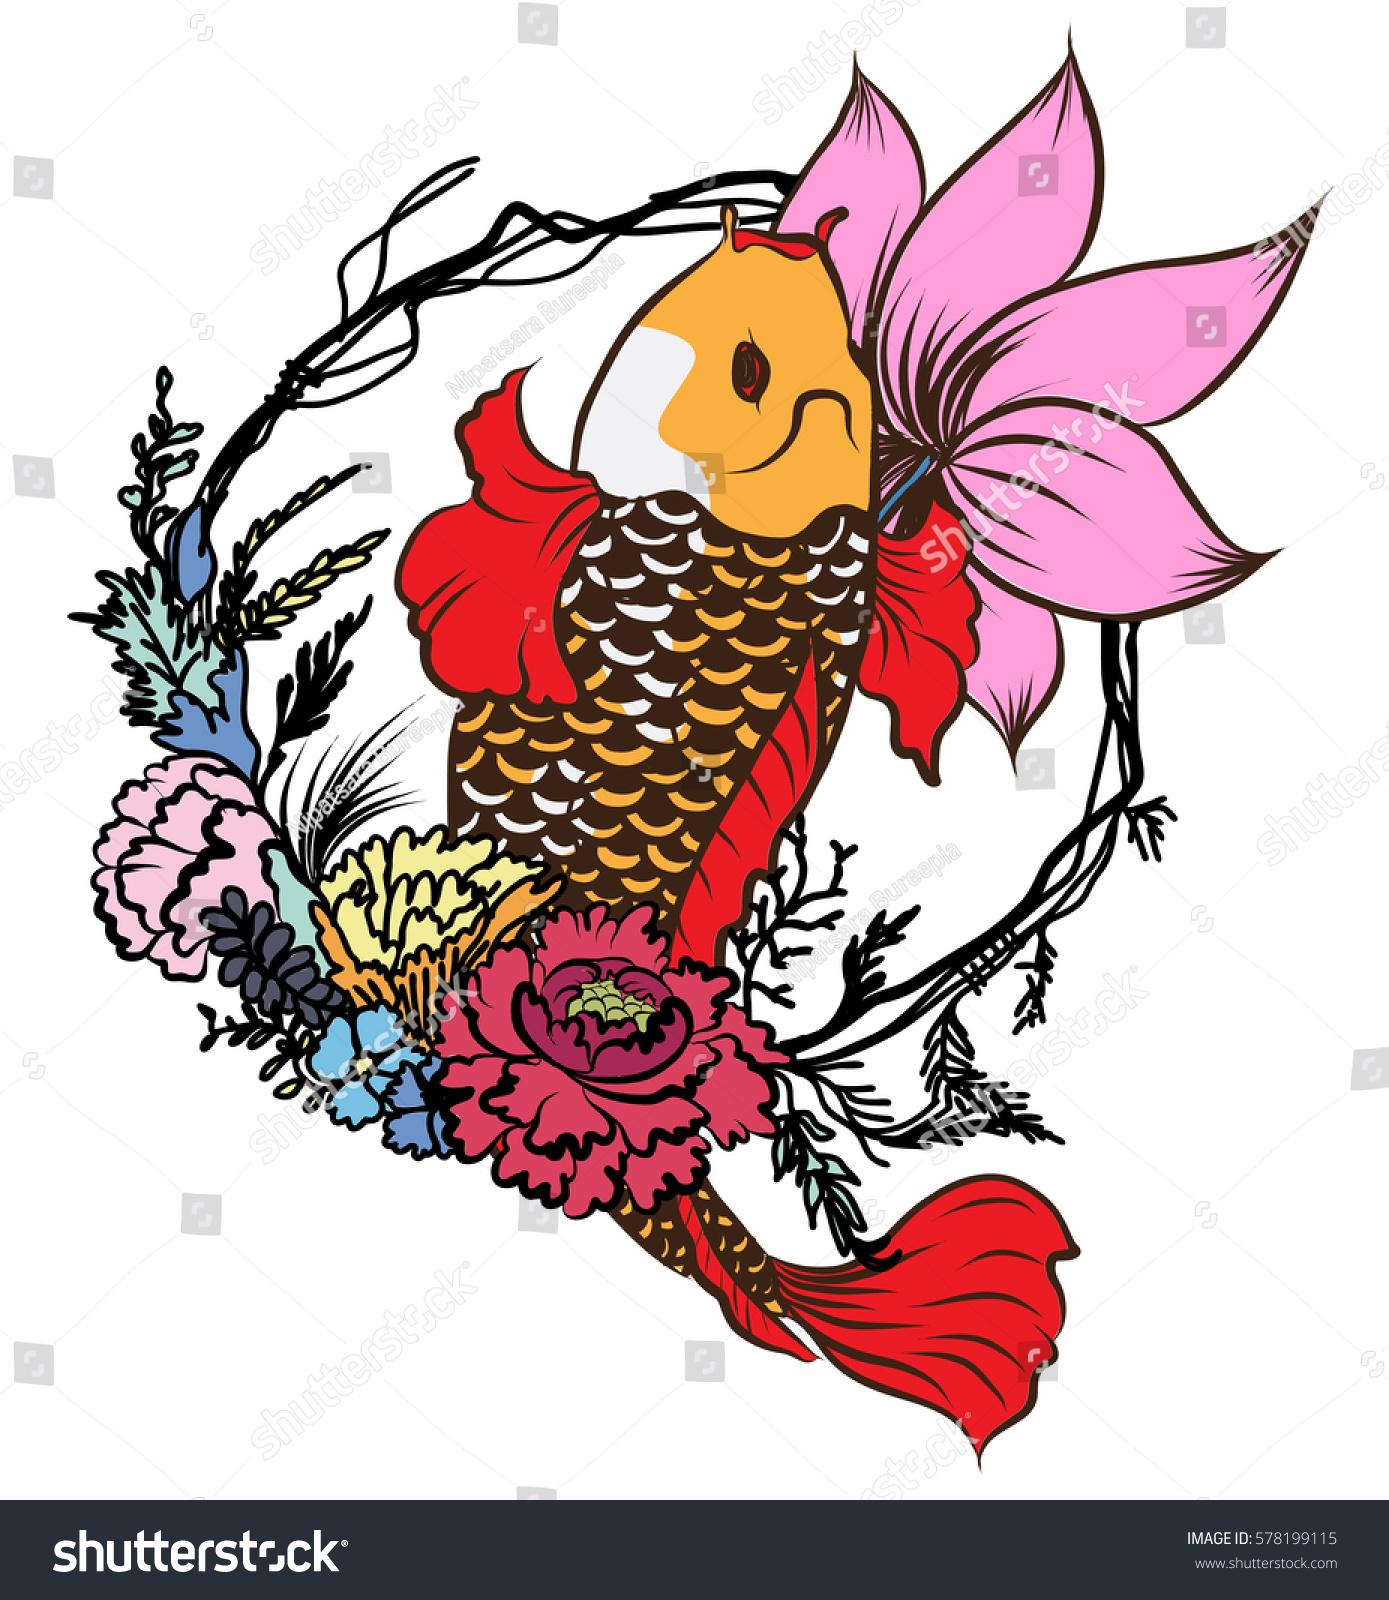 Hand Drawn Koi Fish Flower Tattoo Stock Vector 578199115 - Shutterstock